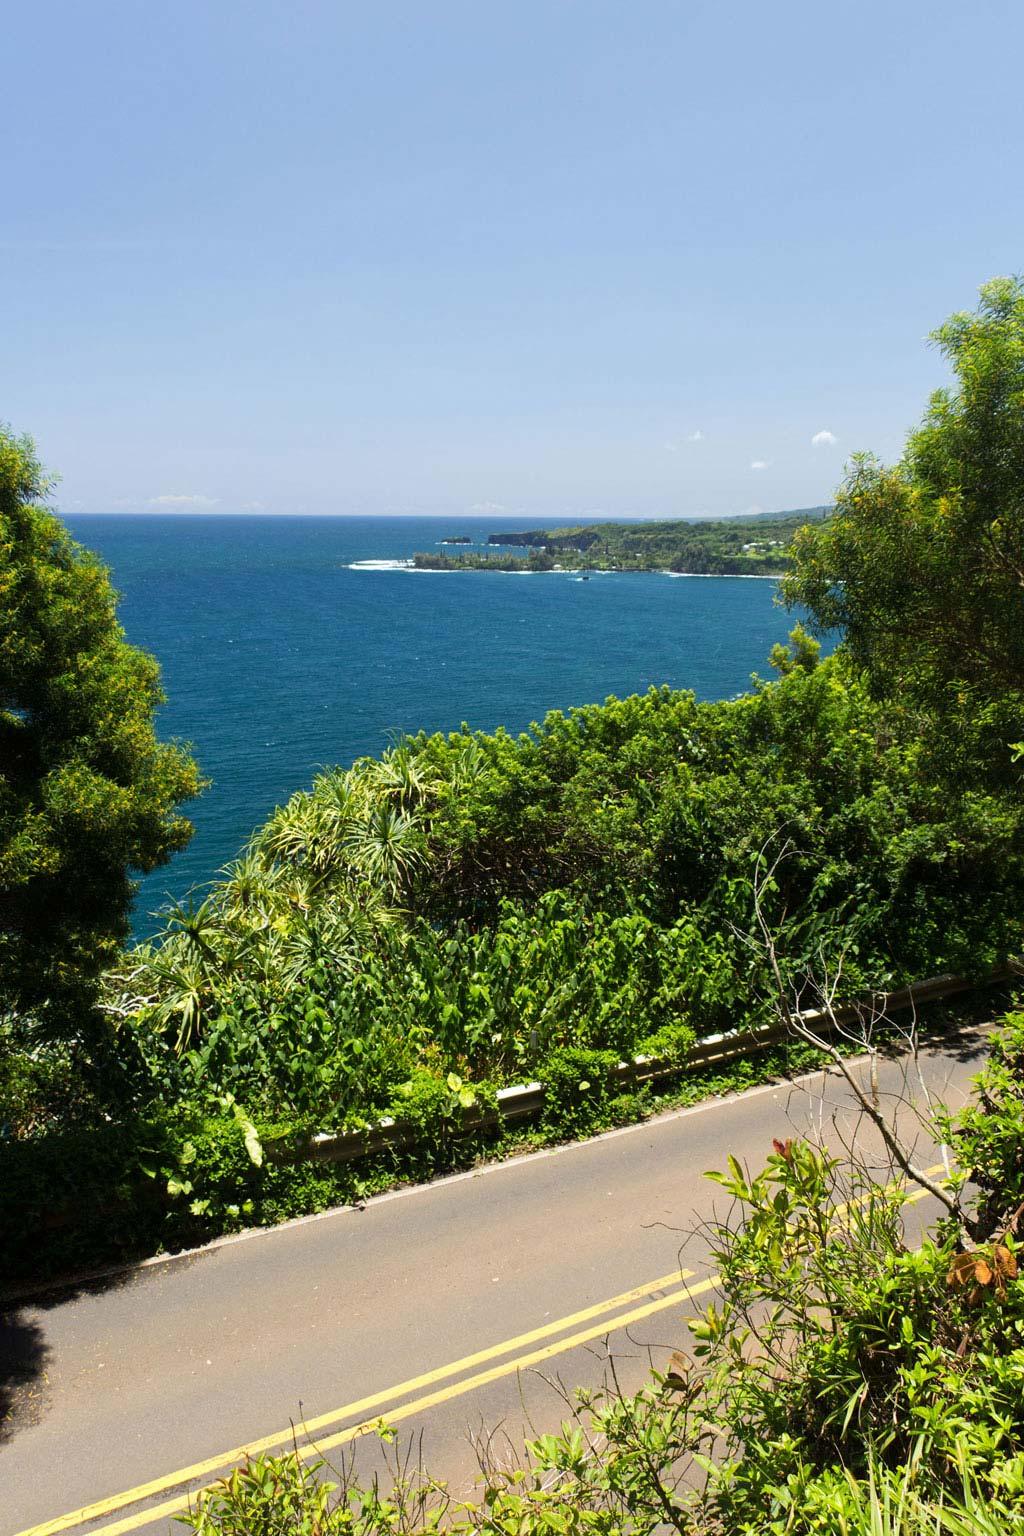 Maui Hawaii – Road to Hana | SOMEWHERE ELSE